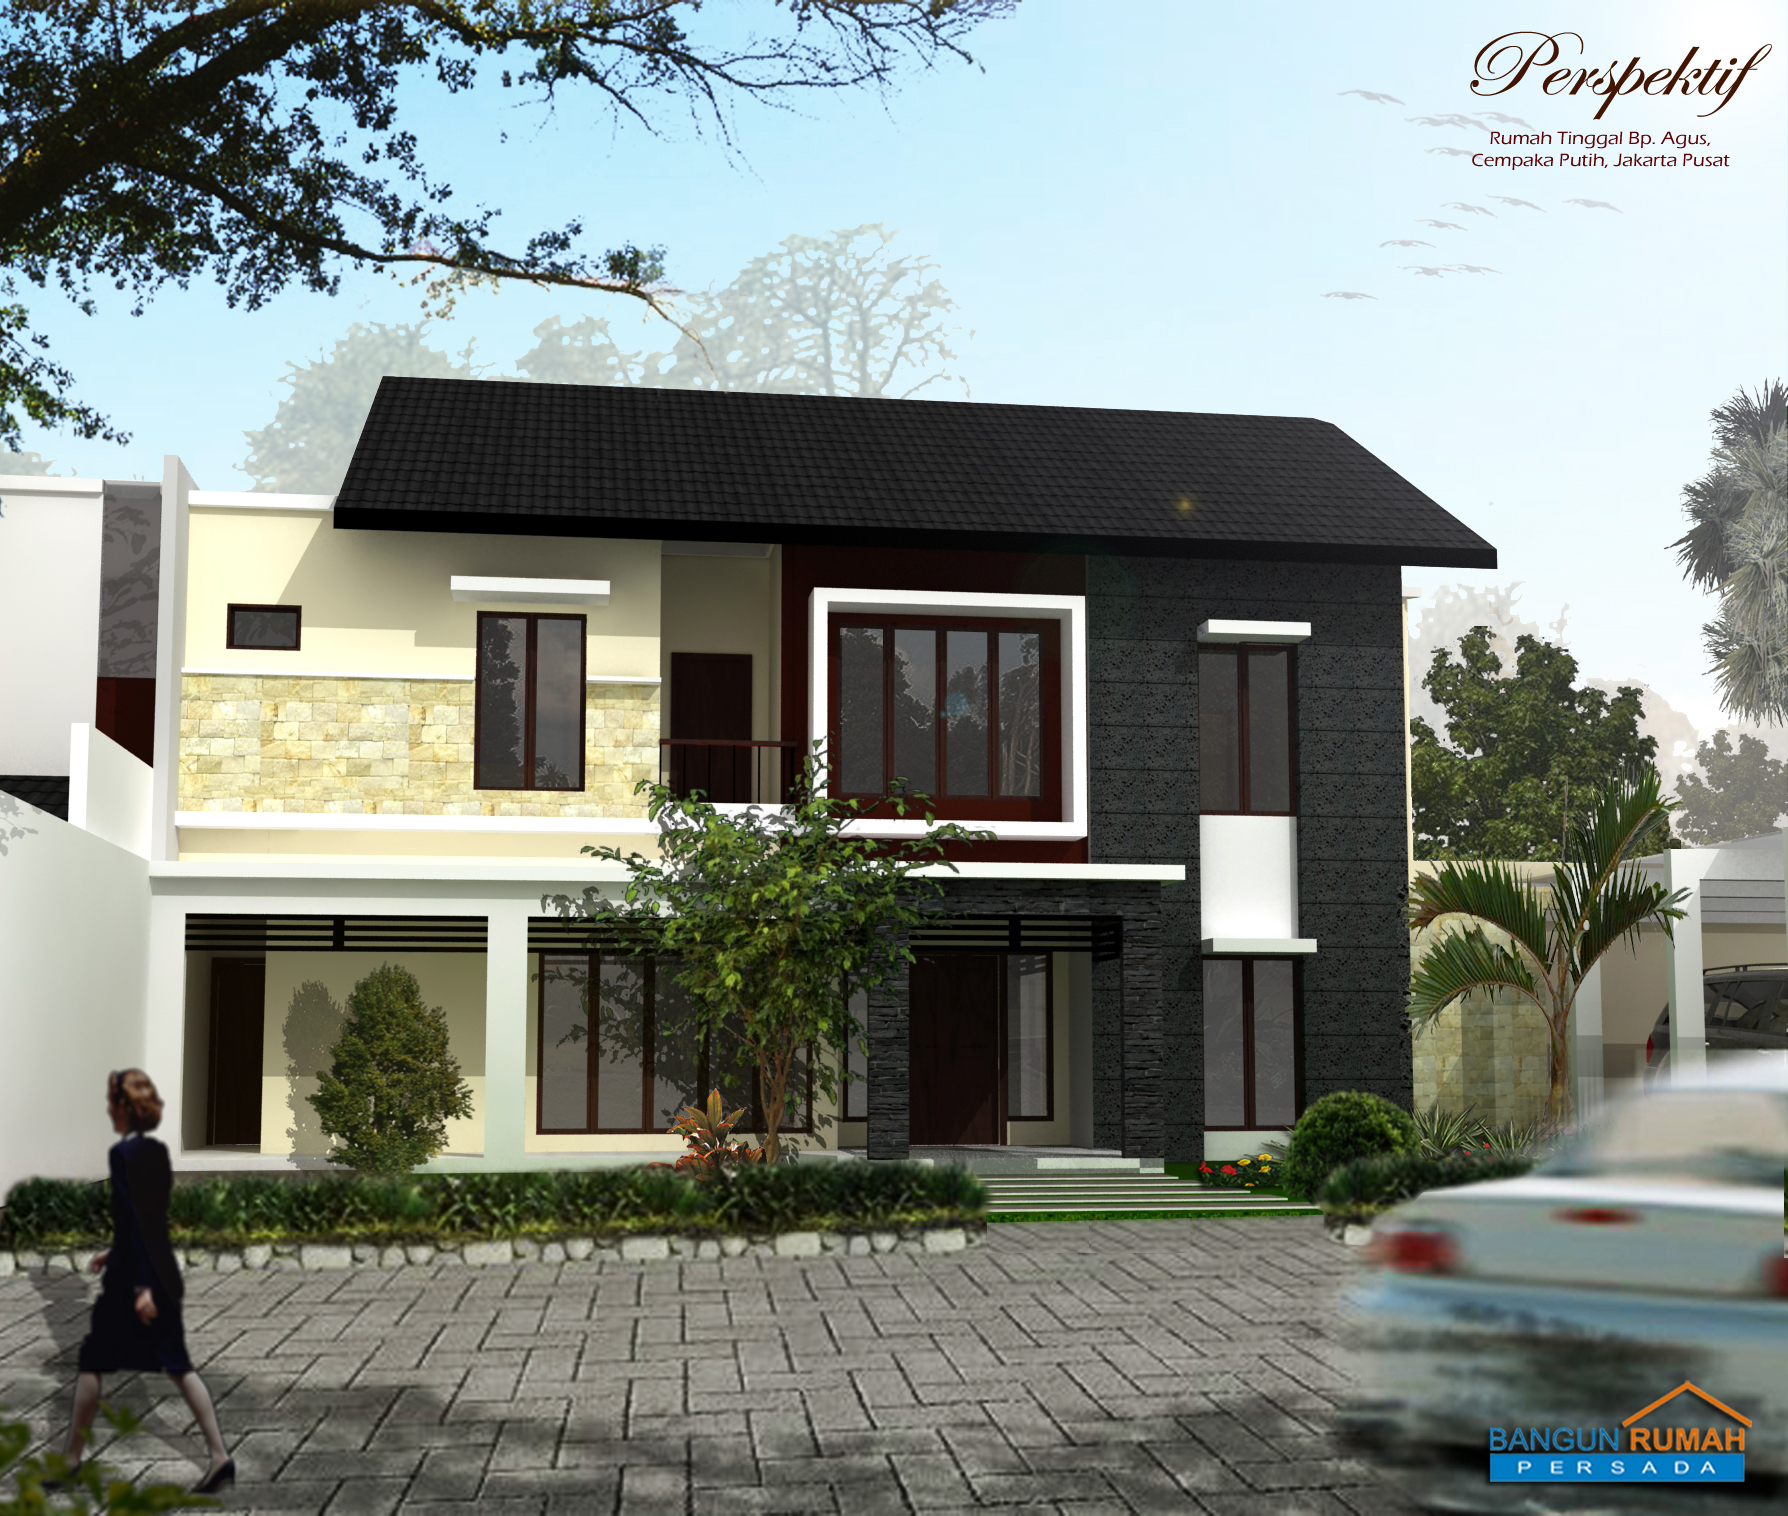 Desain Rumah dan Bangun Rumah di Cempaka Putih Barat